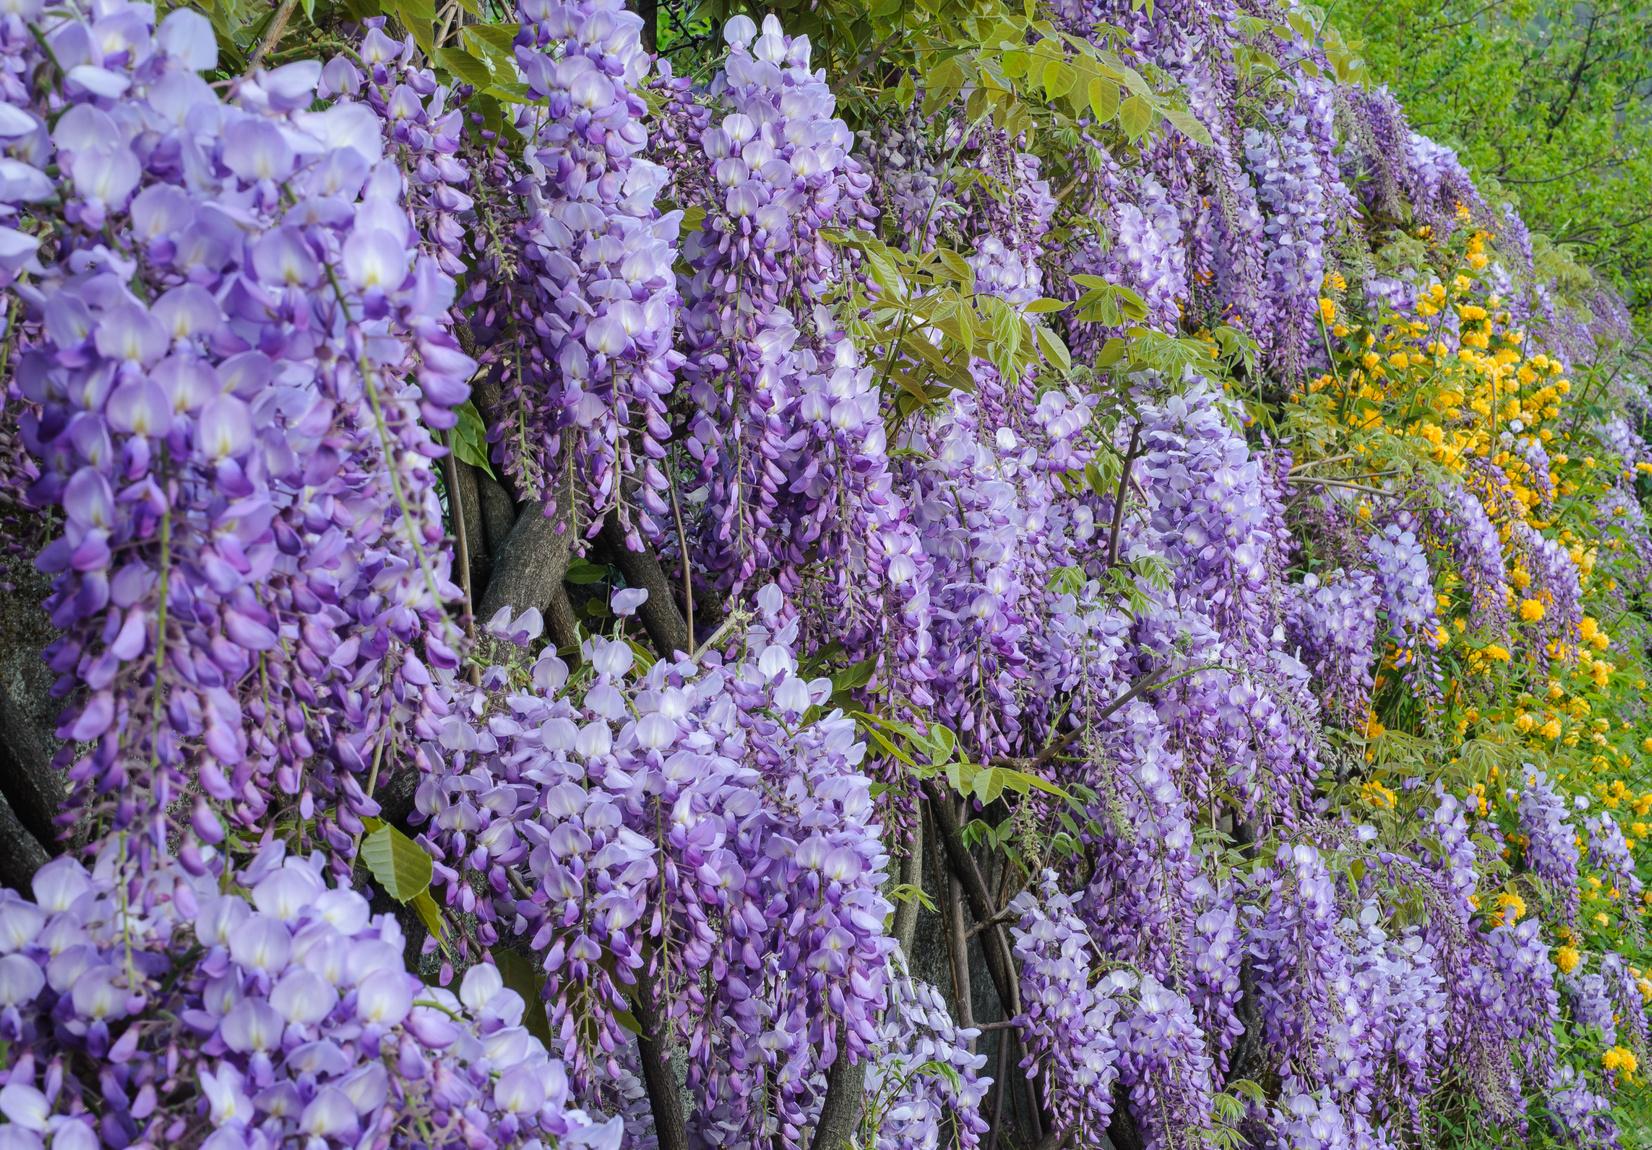 Muller Munchehof Pflanzen Gmbh Pflanzen Fur Forst Landschaft Und